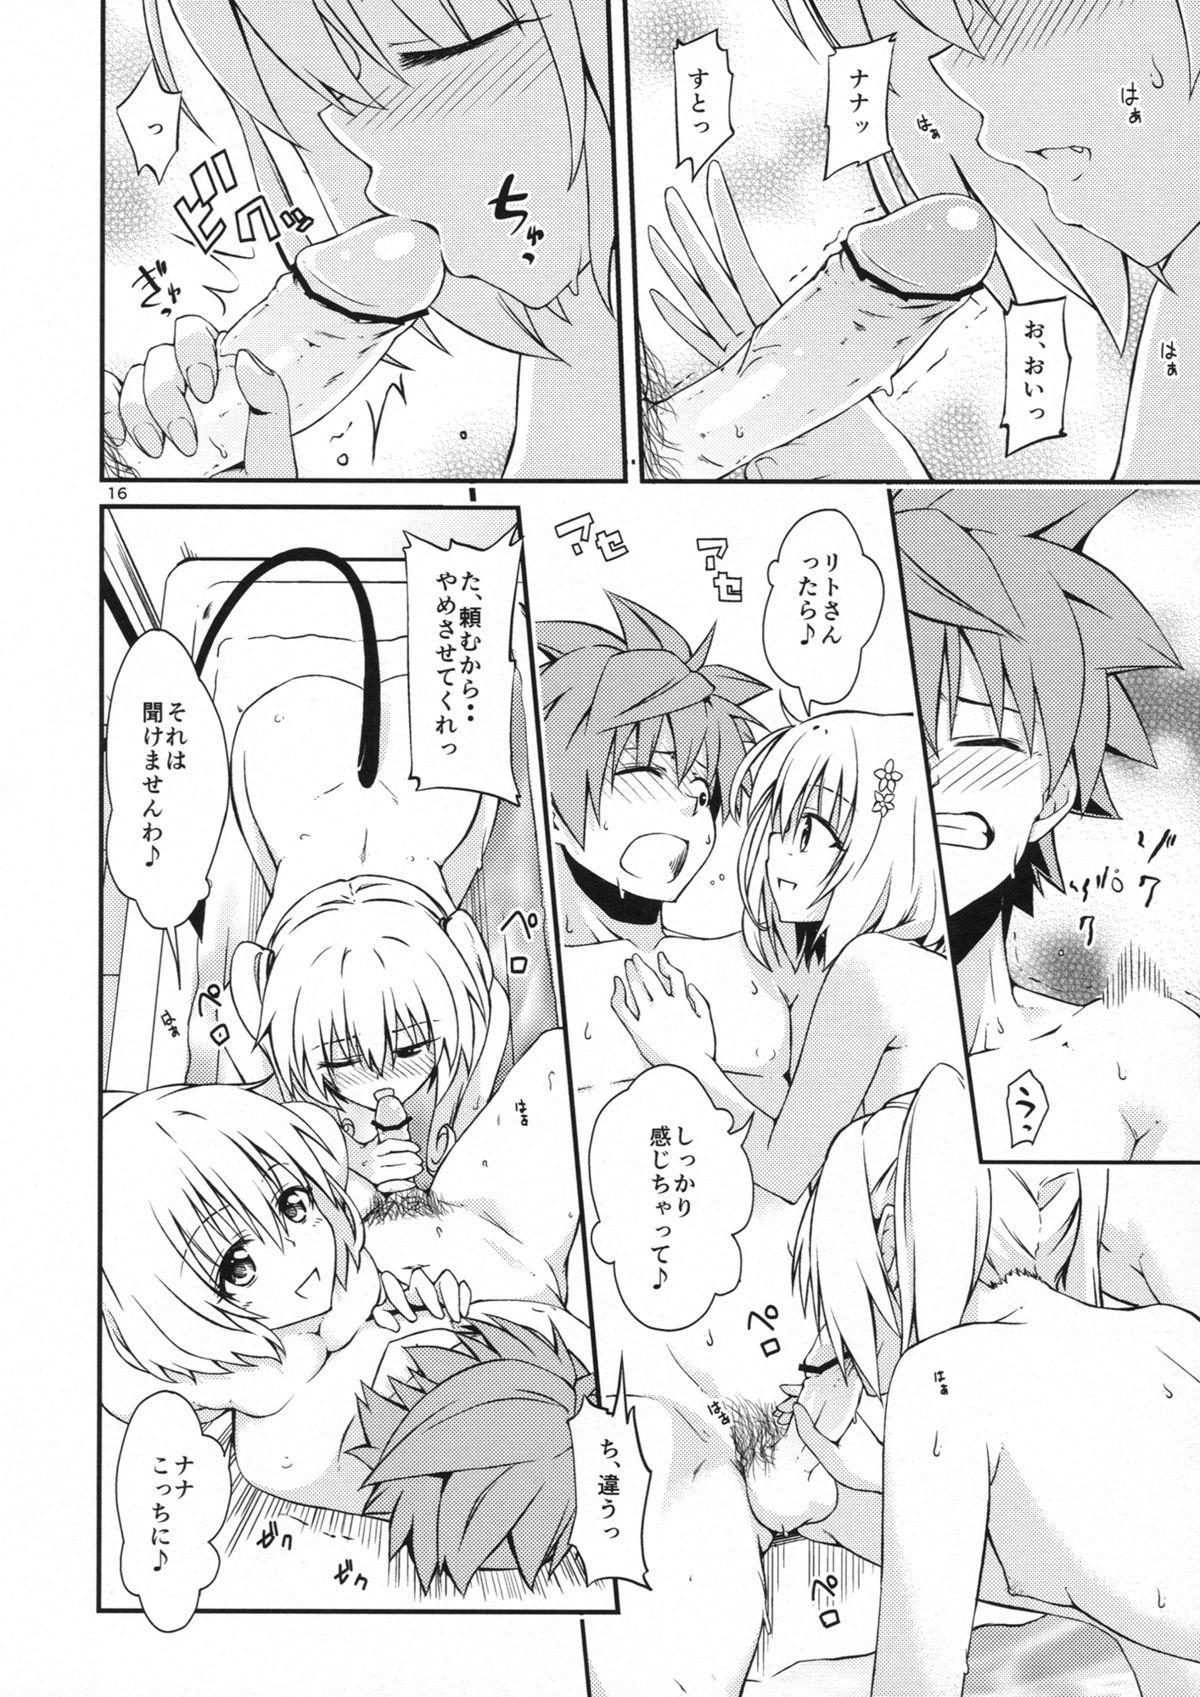 Harem Keikaku Nana-hen 14